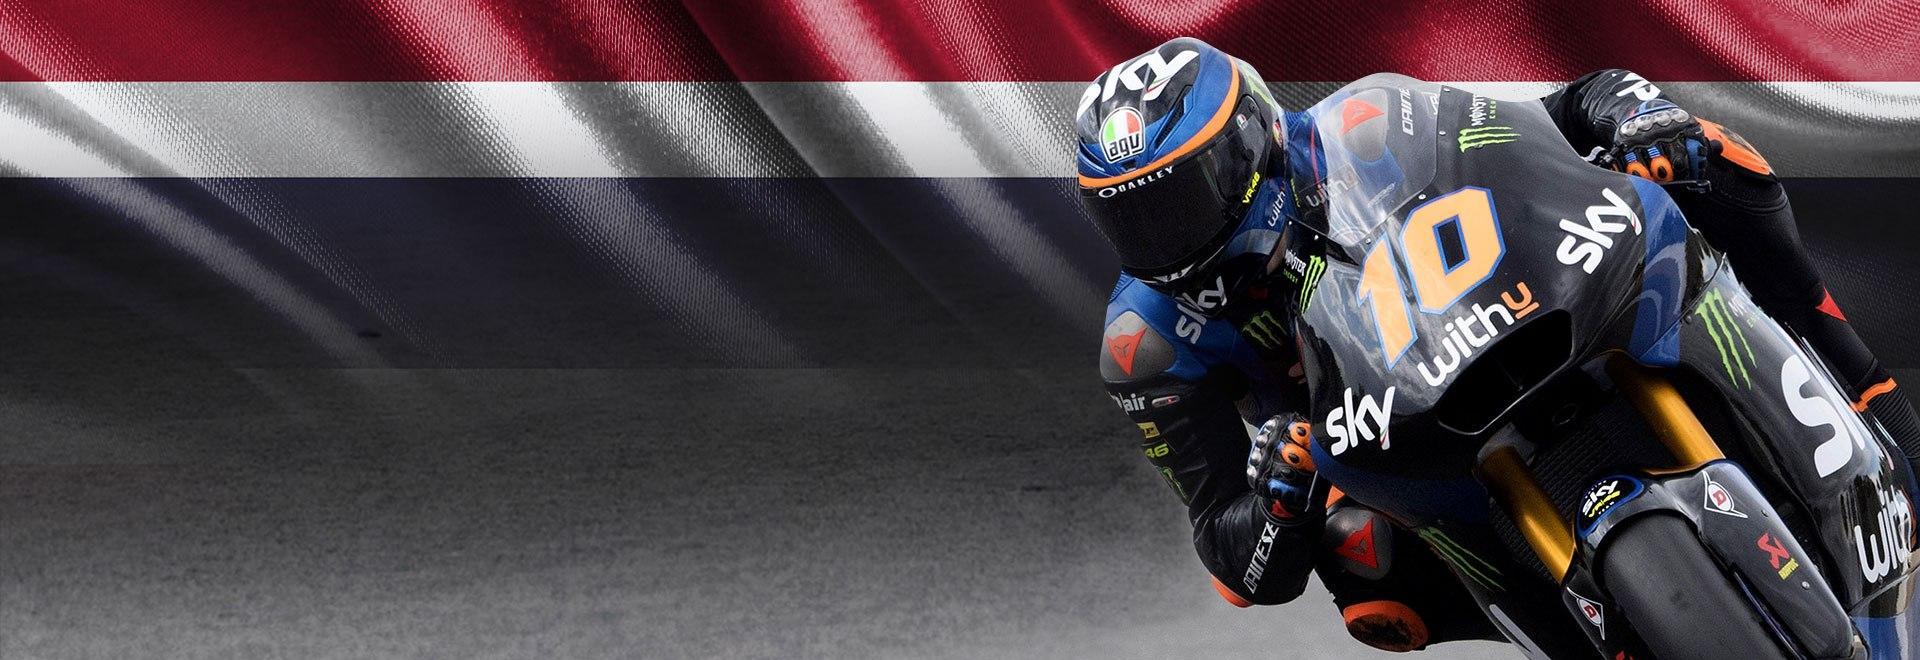 GP Thailandia. PL 2